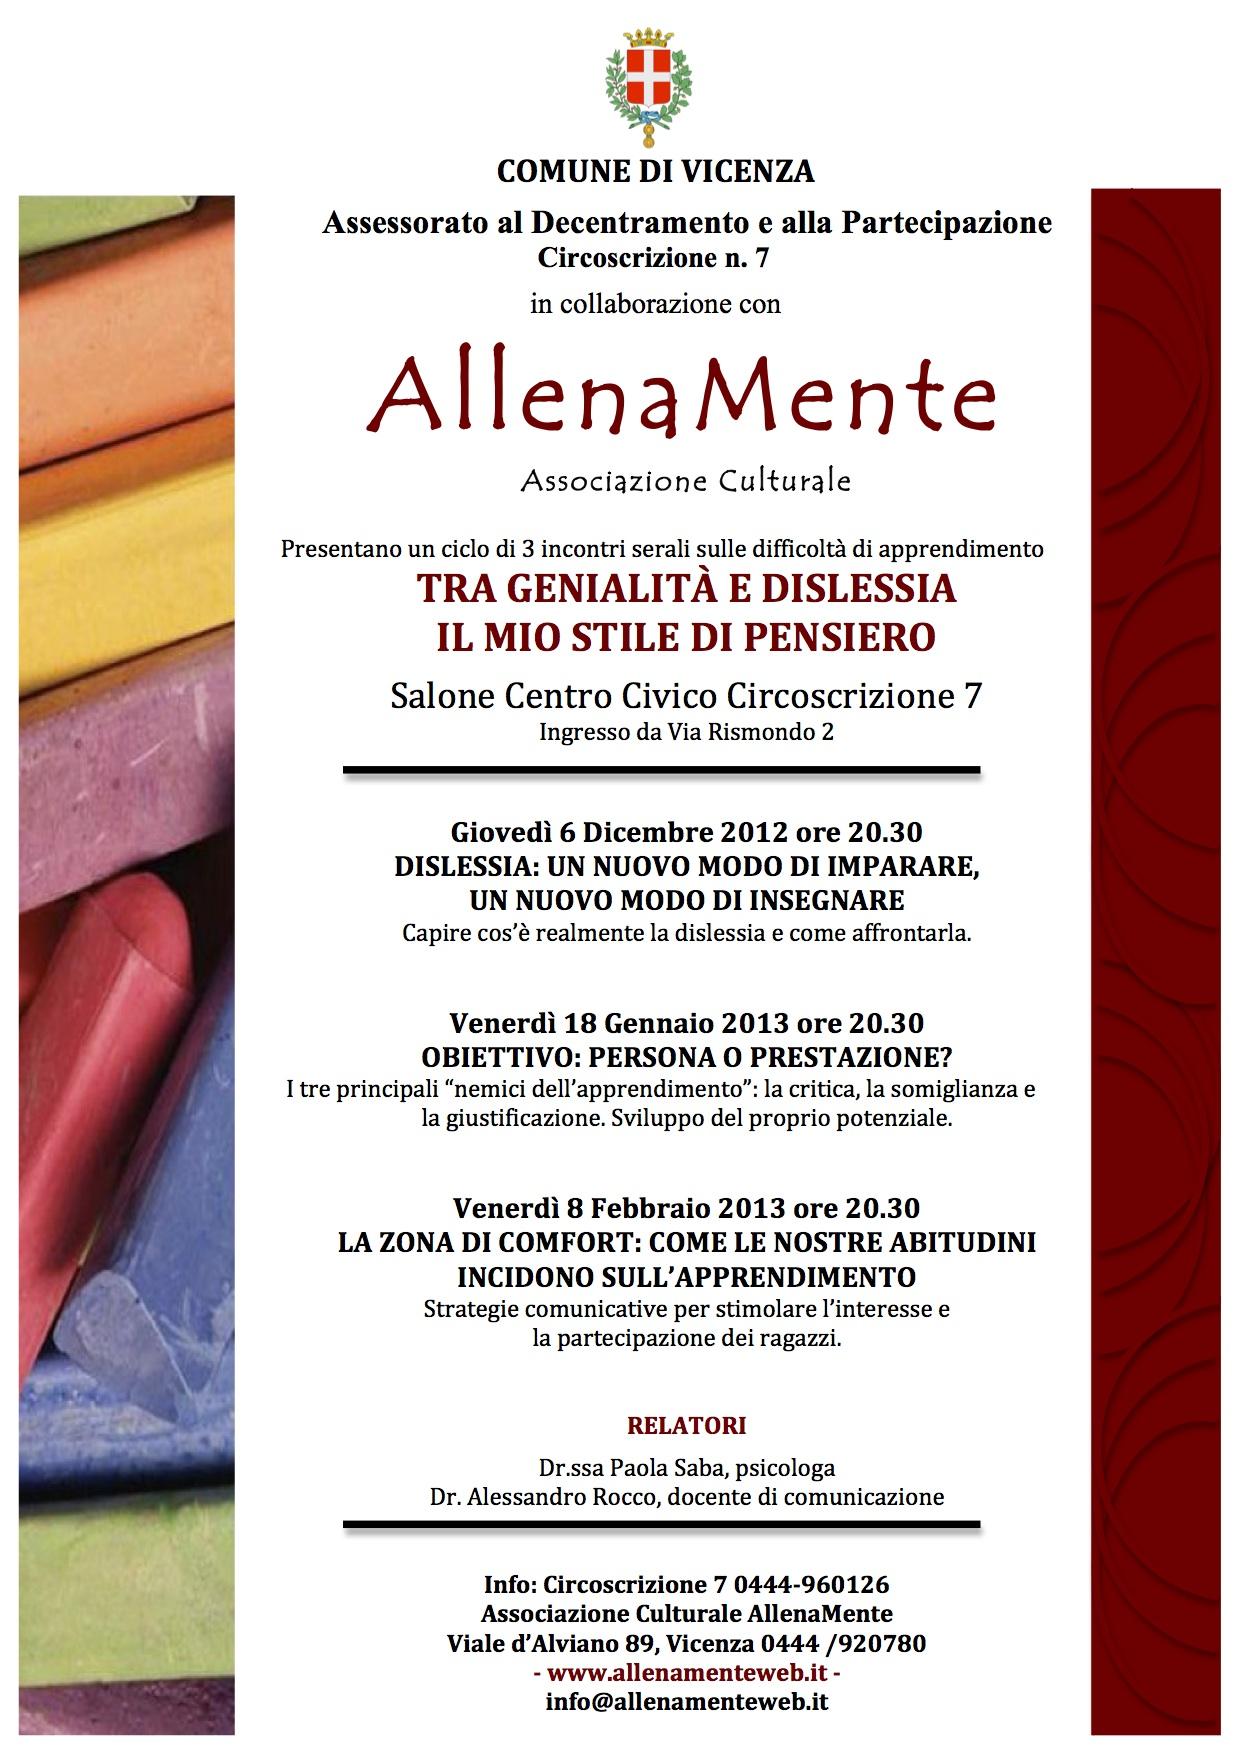 AllenaMente_comune_vicenza